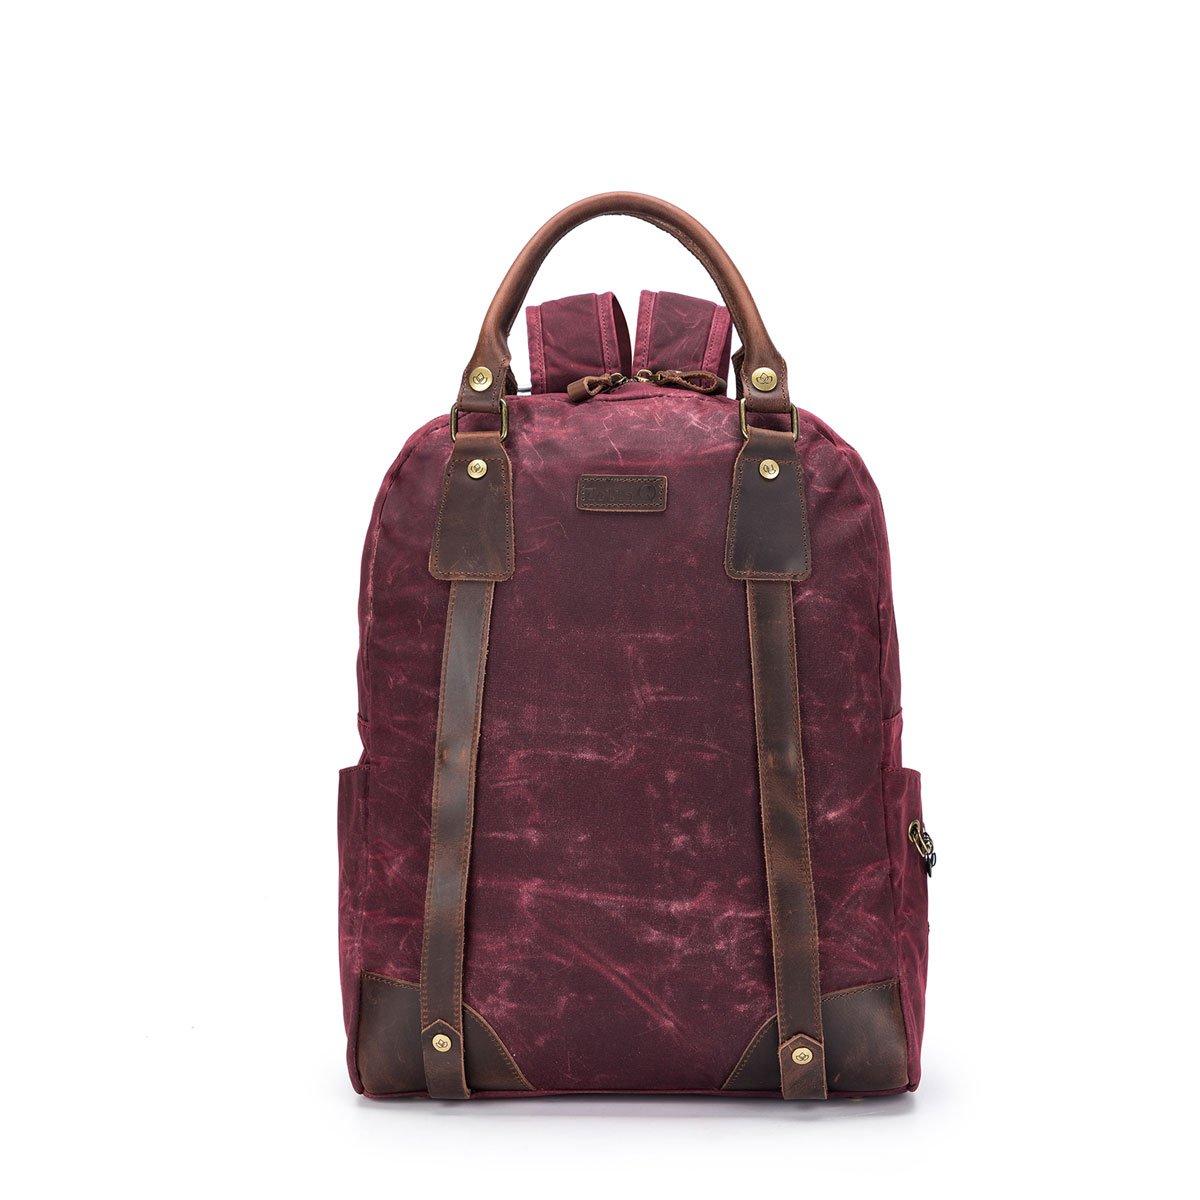 Maker's Canvas Backpack